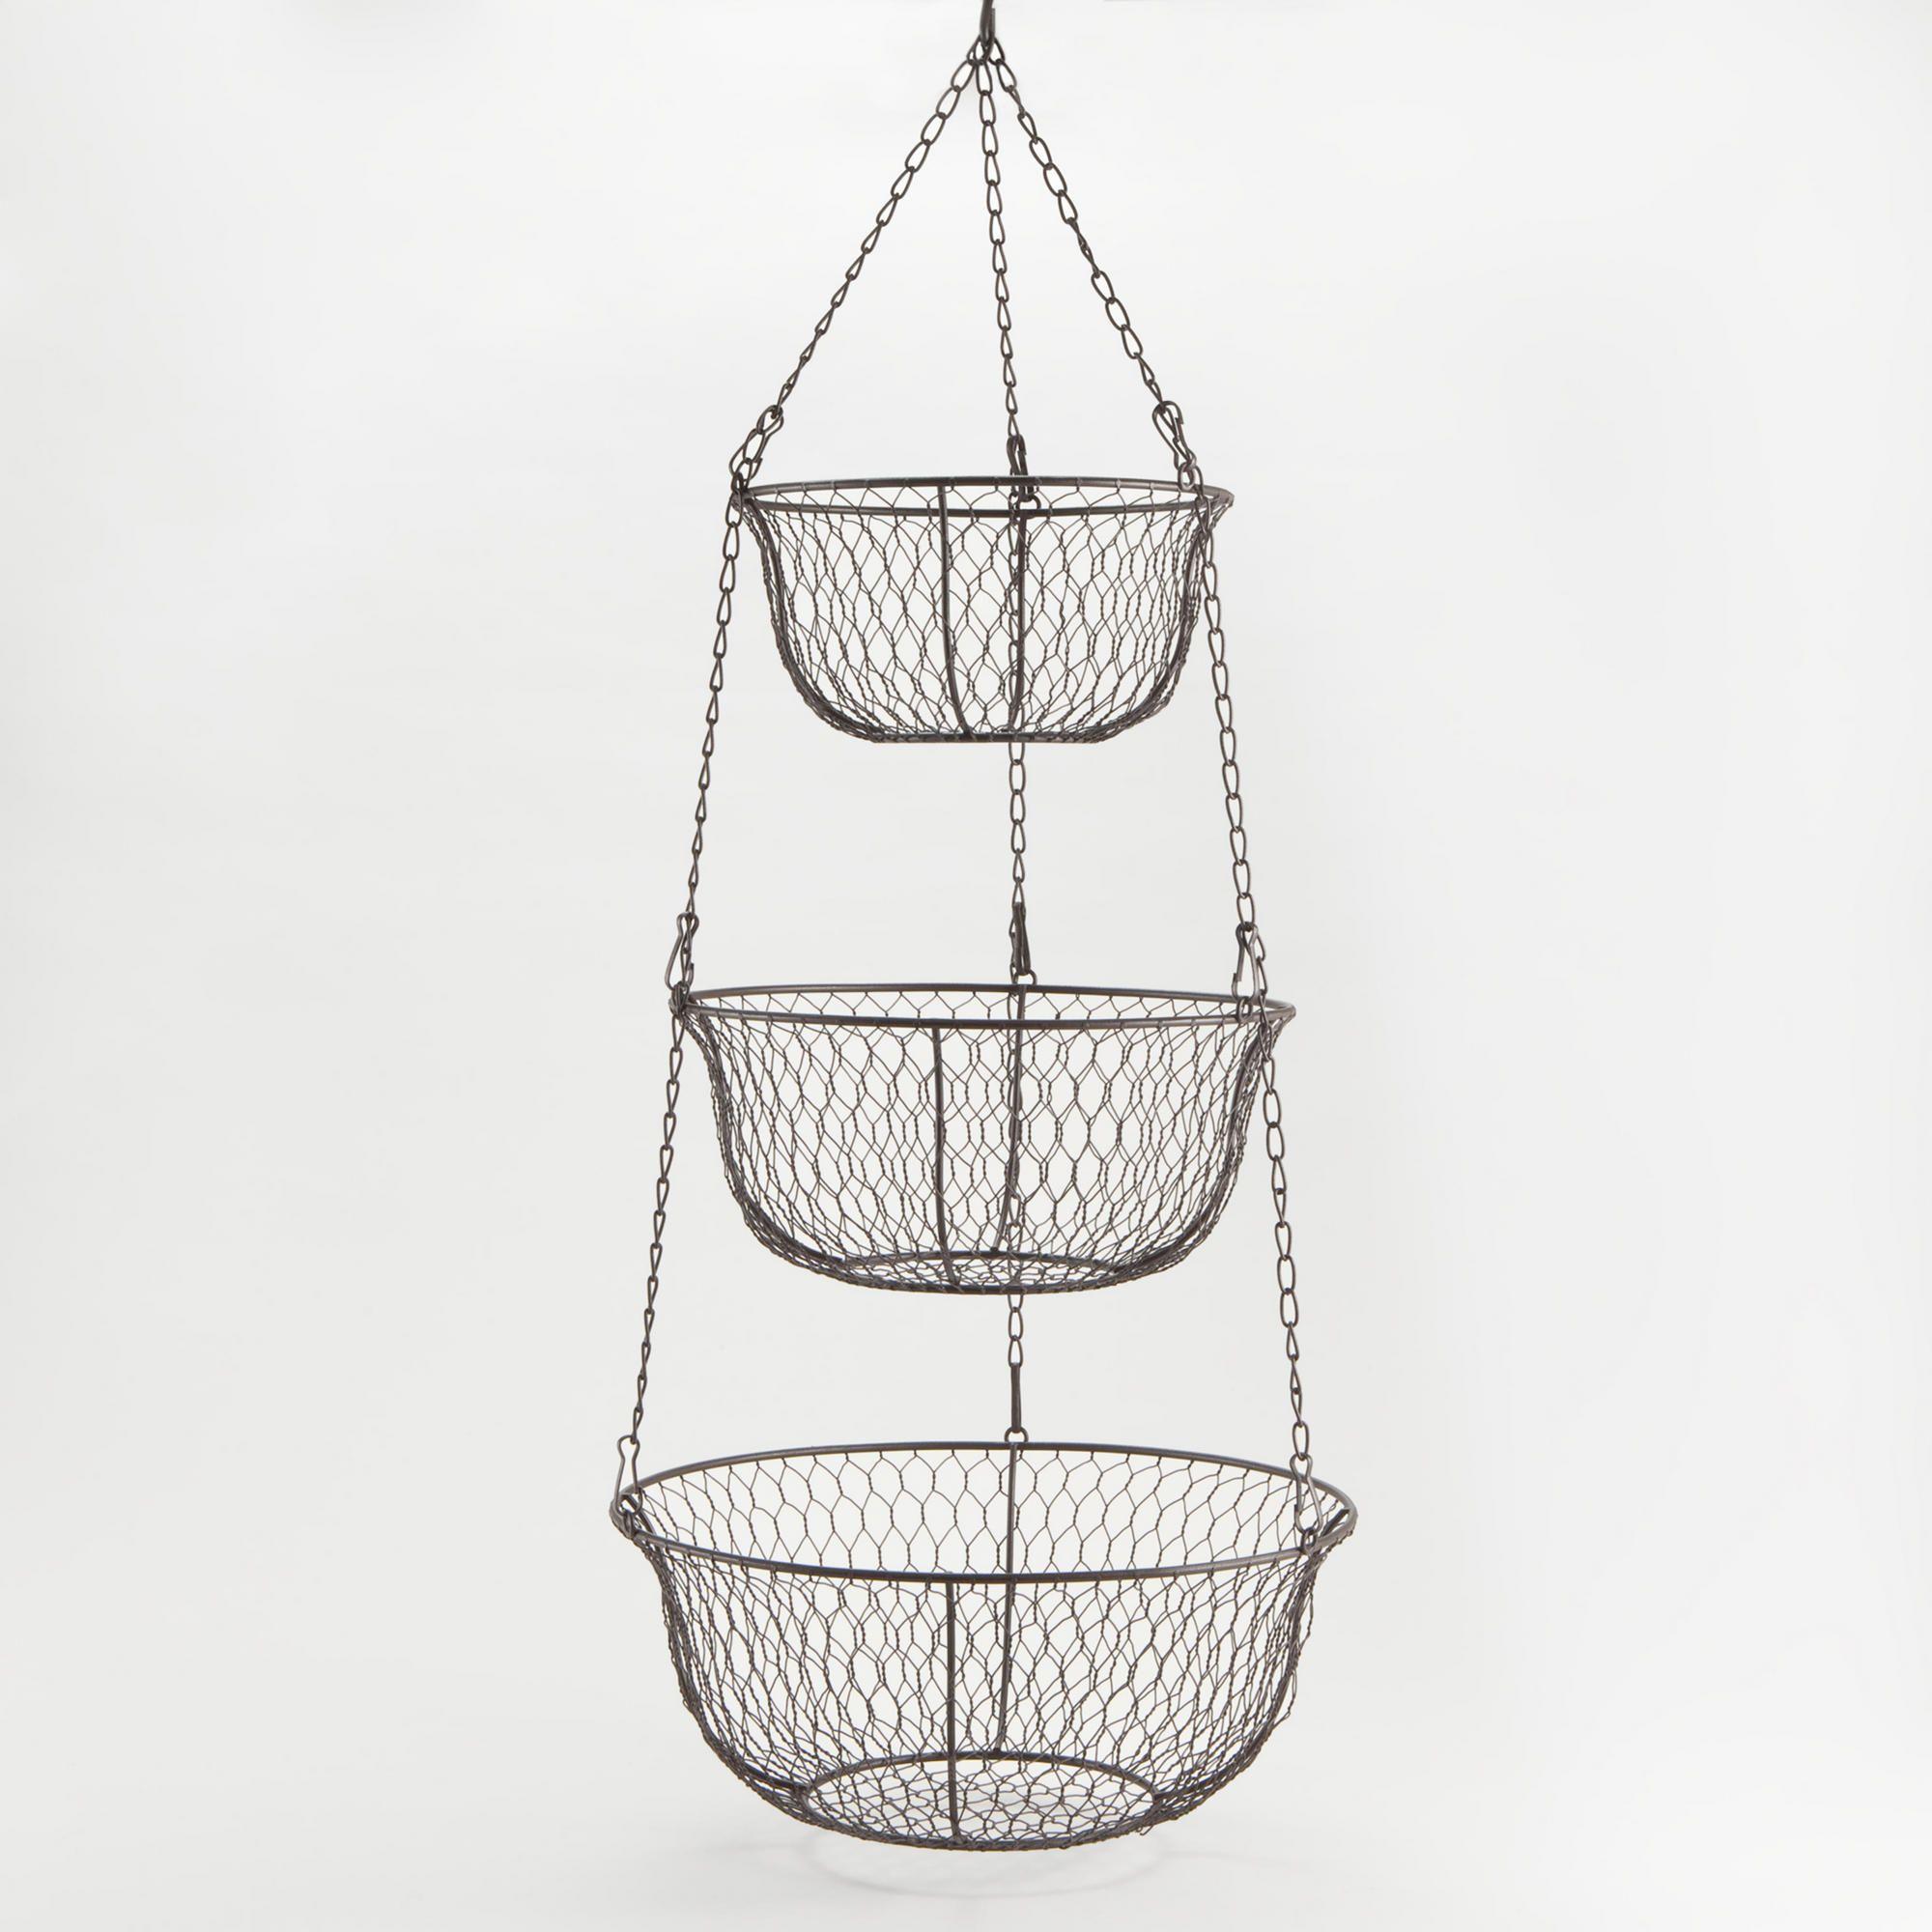 Wire Three Tier Hanging Basket Hanging Wire Basket Hanging Fruit Baskets Basket